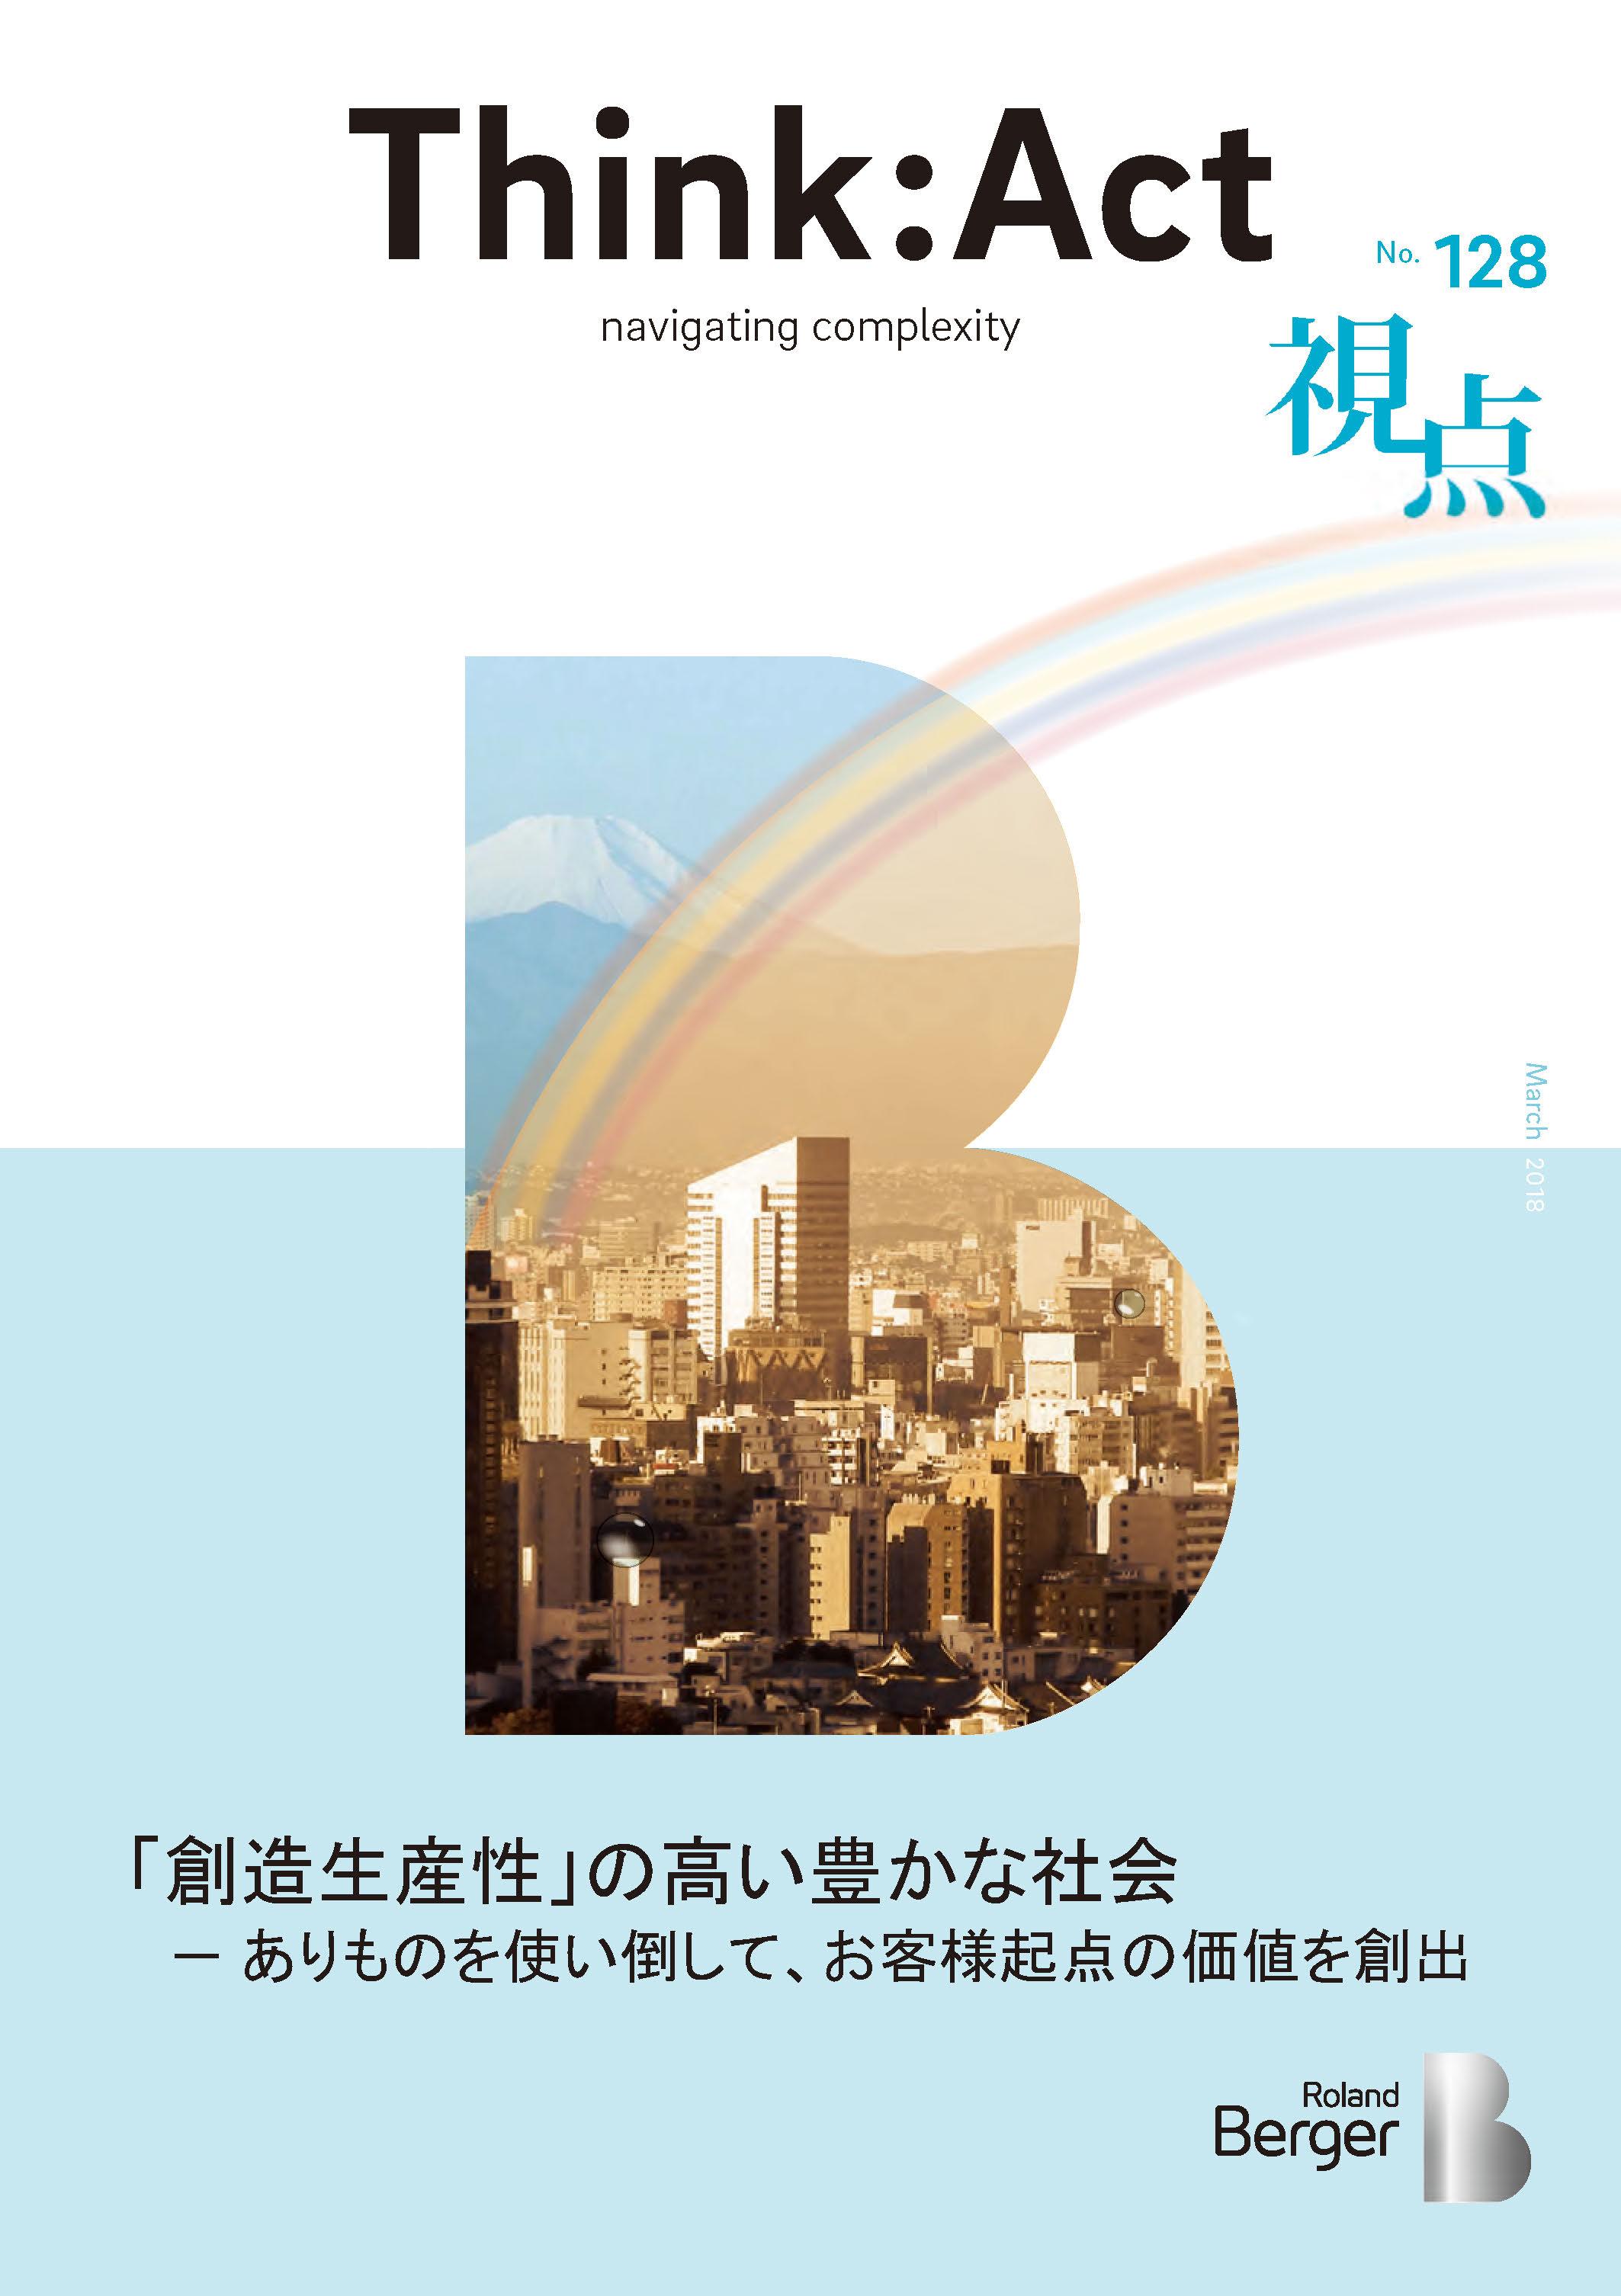 【視点128号】「創造生産性」の高い豊かな社会